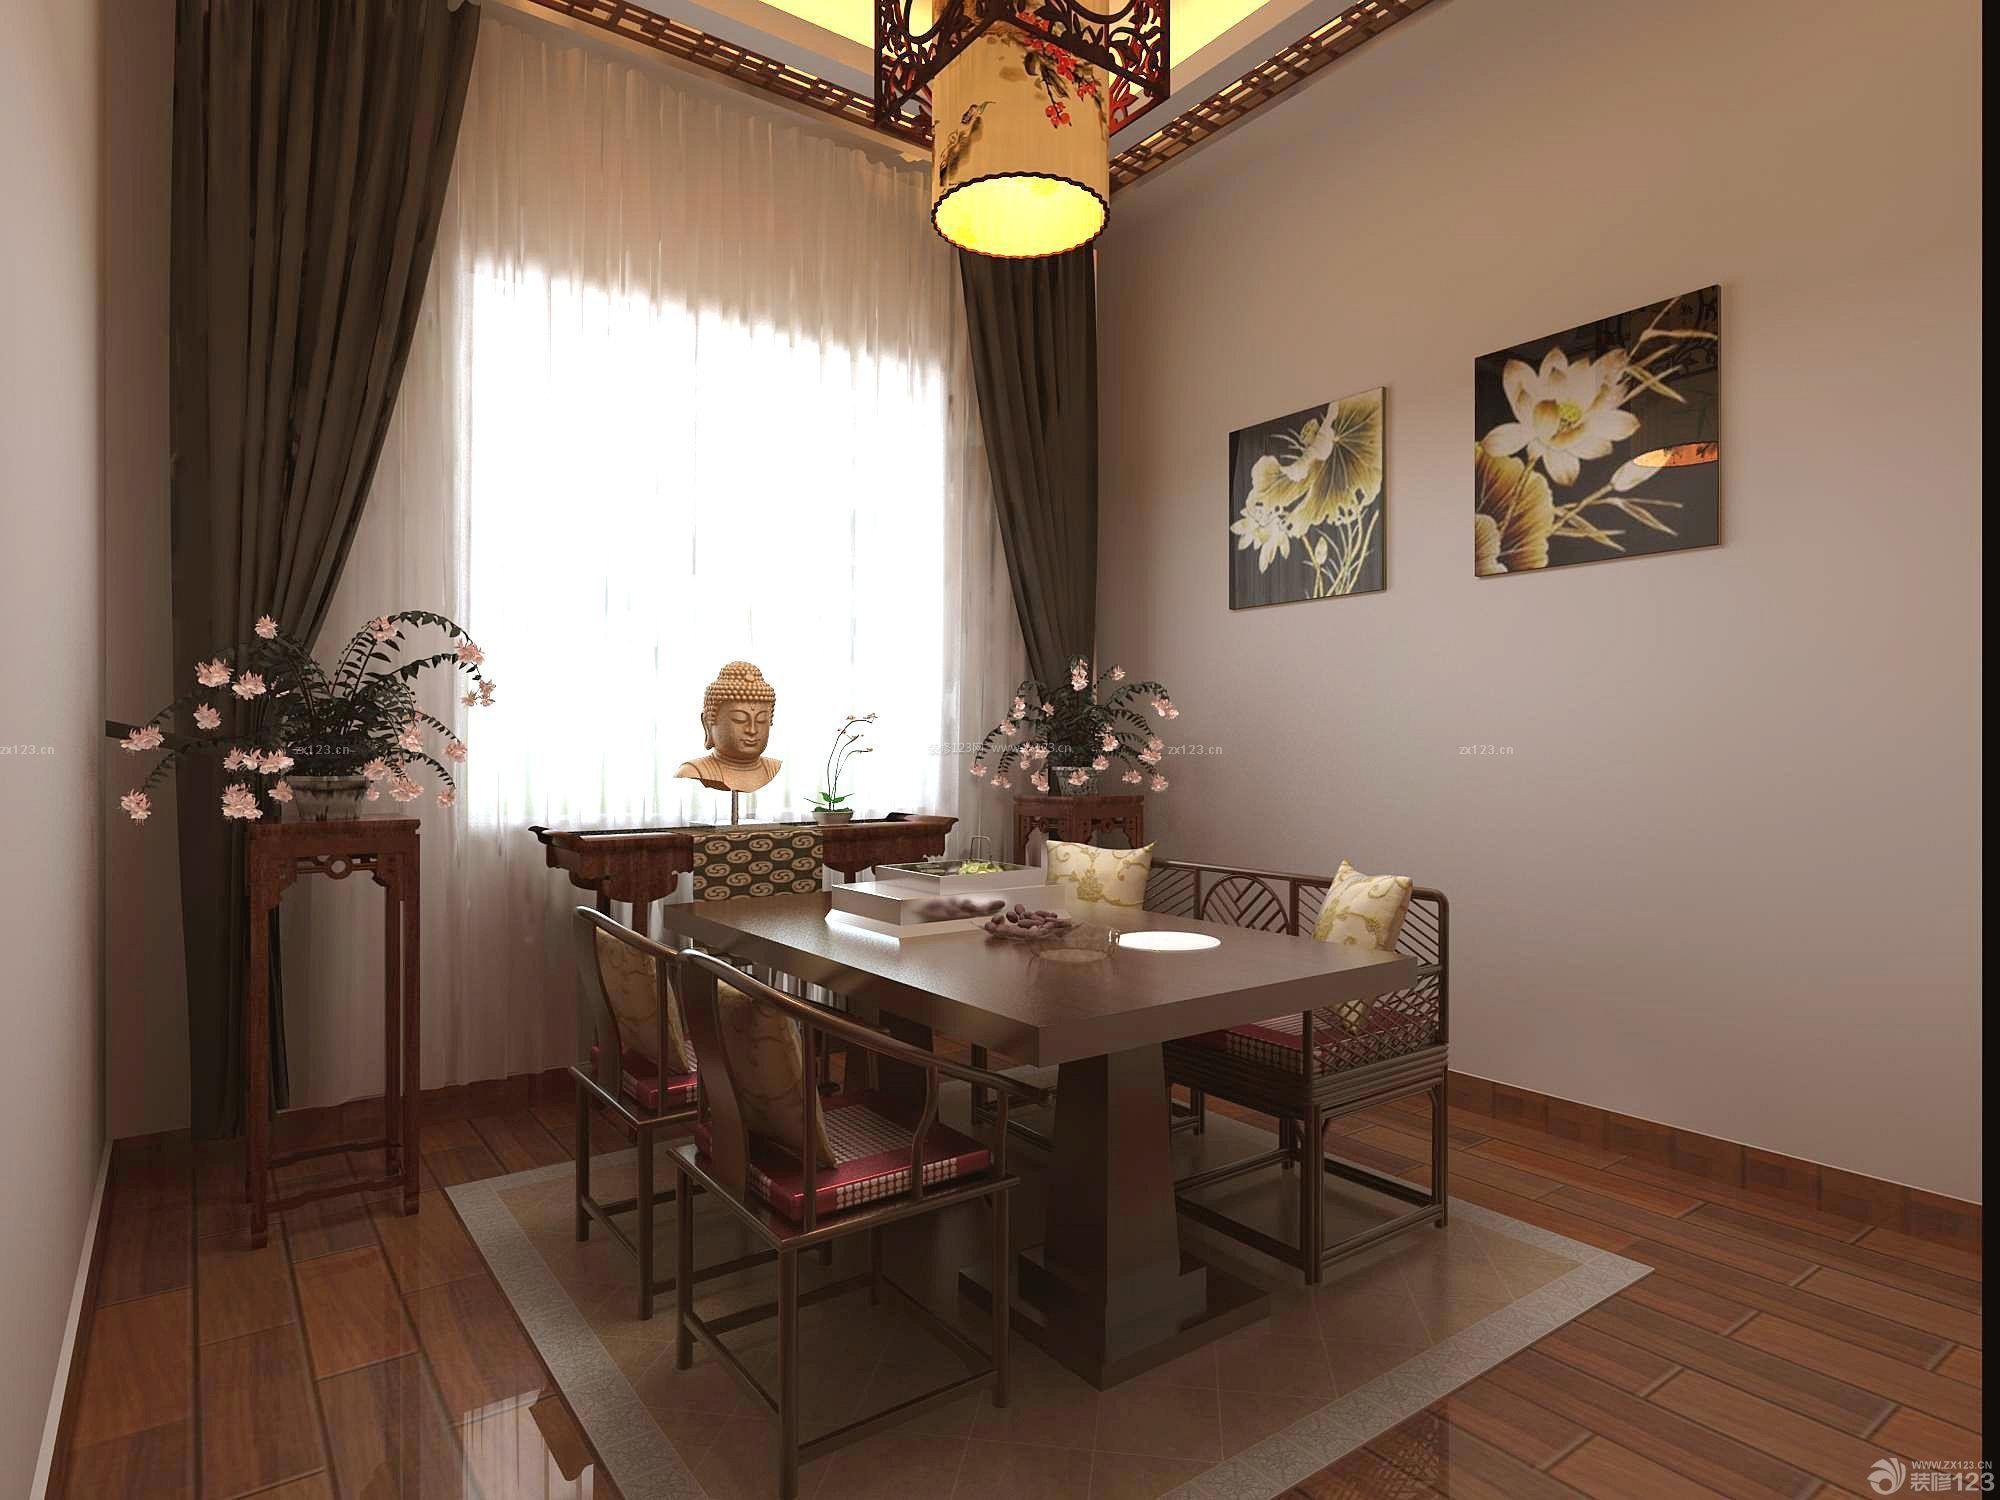 新中式风格仿木地板瓷砖装饰图片